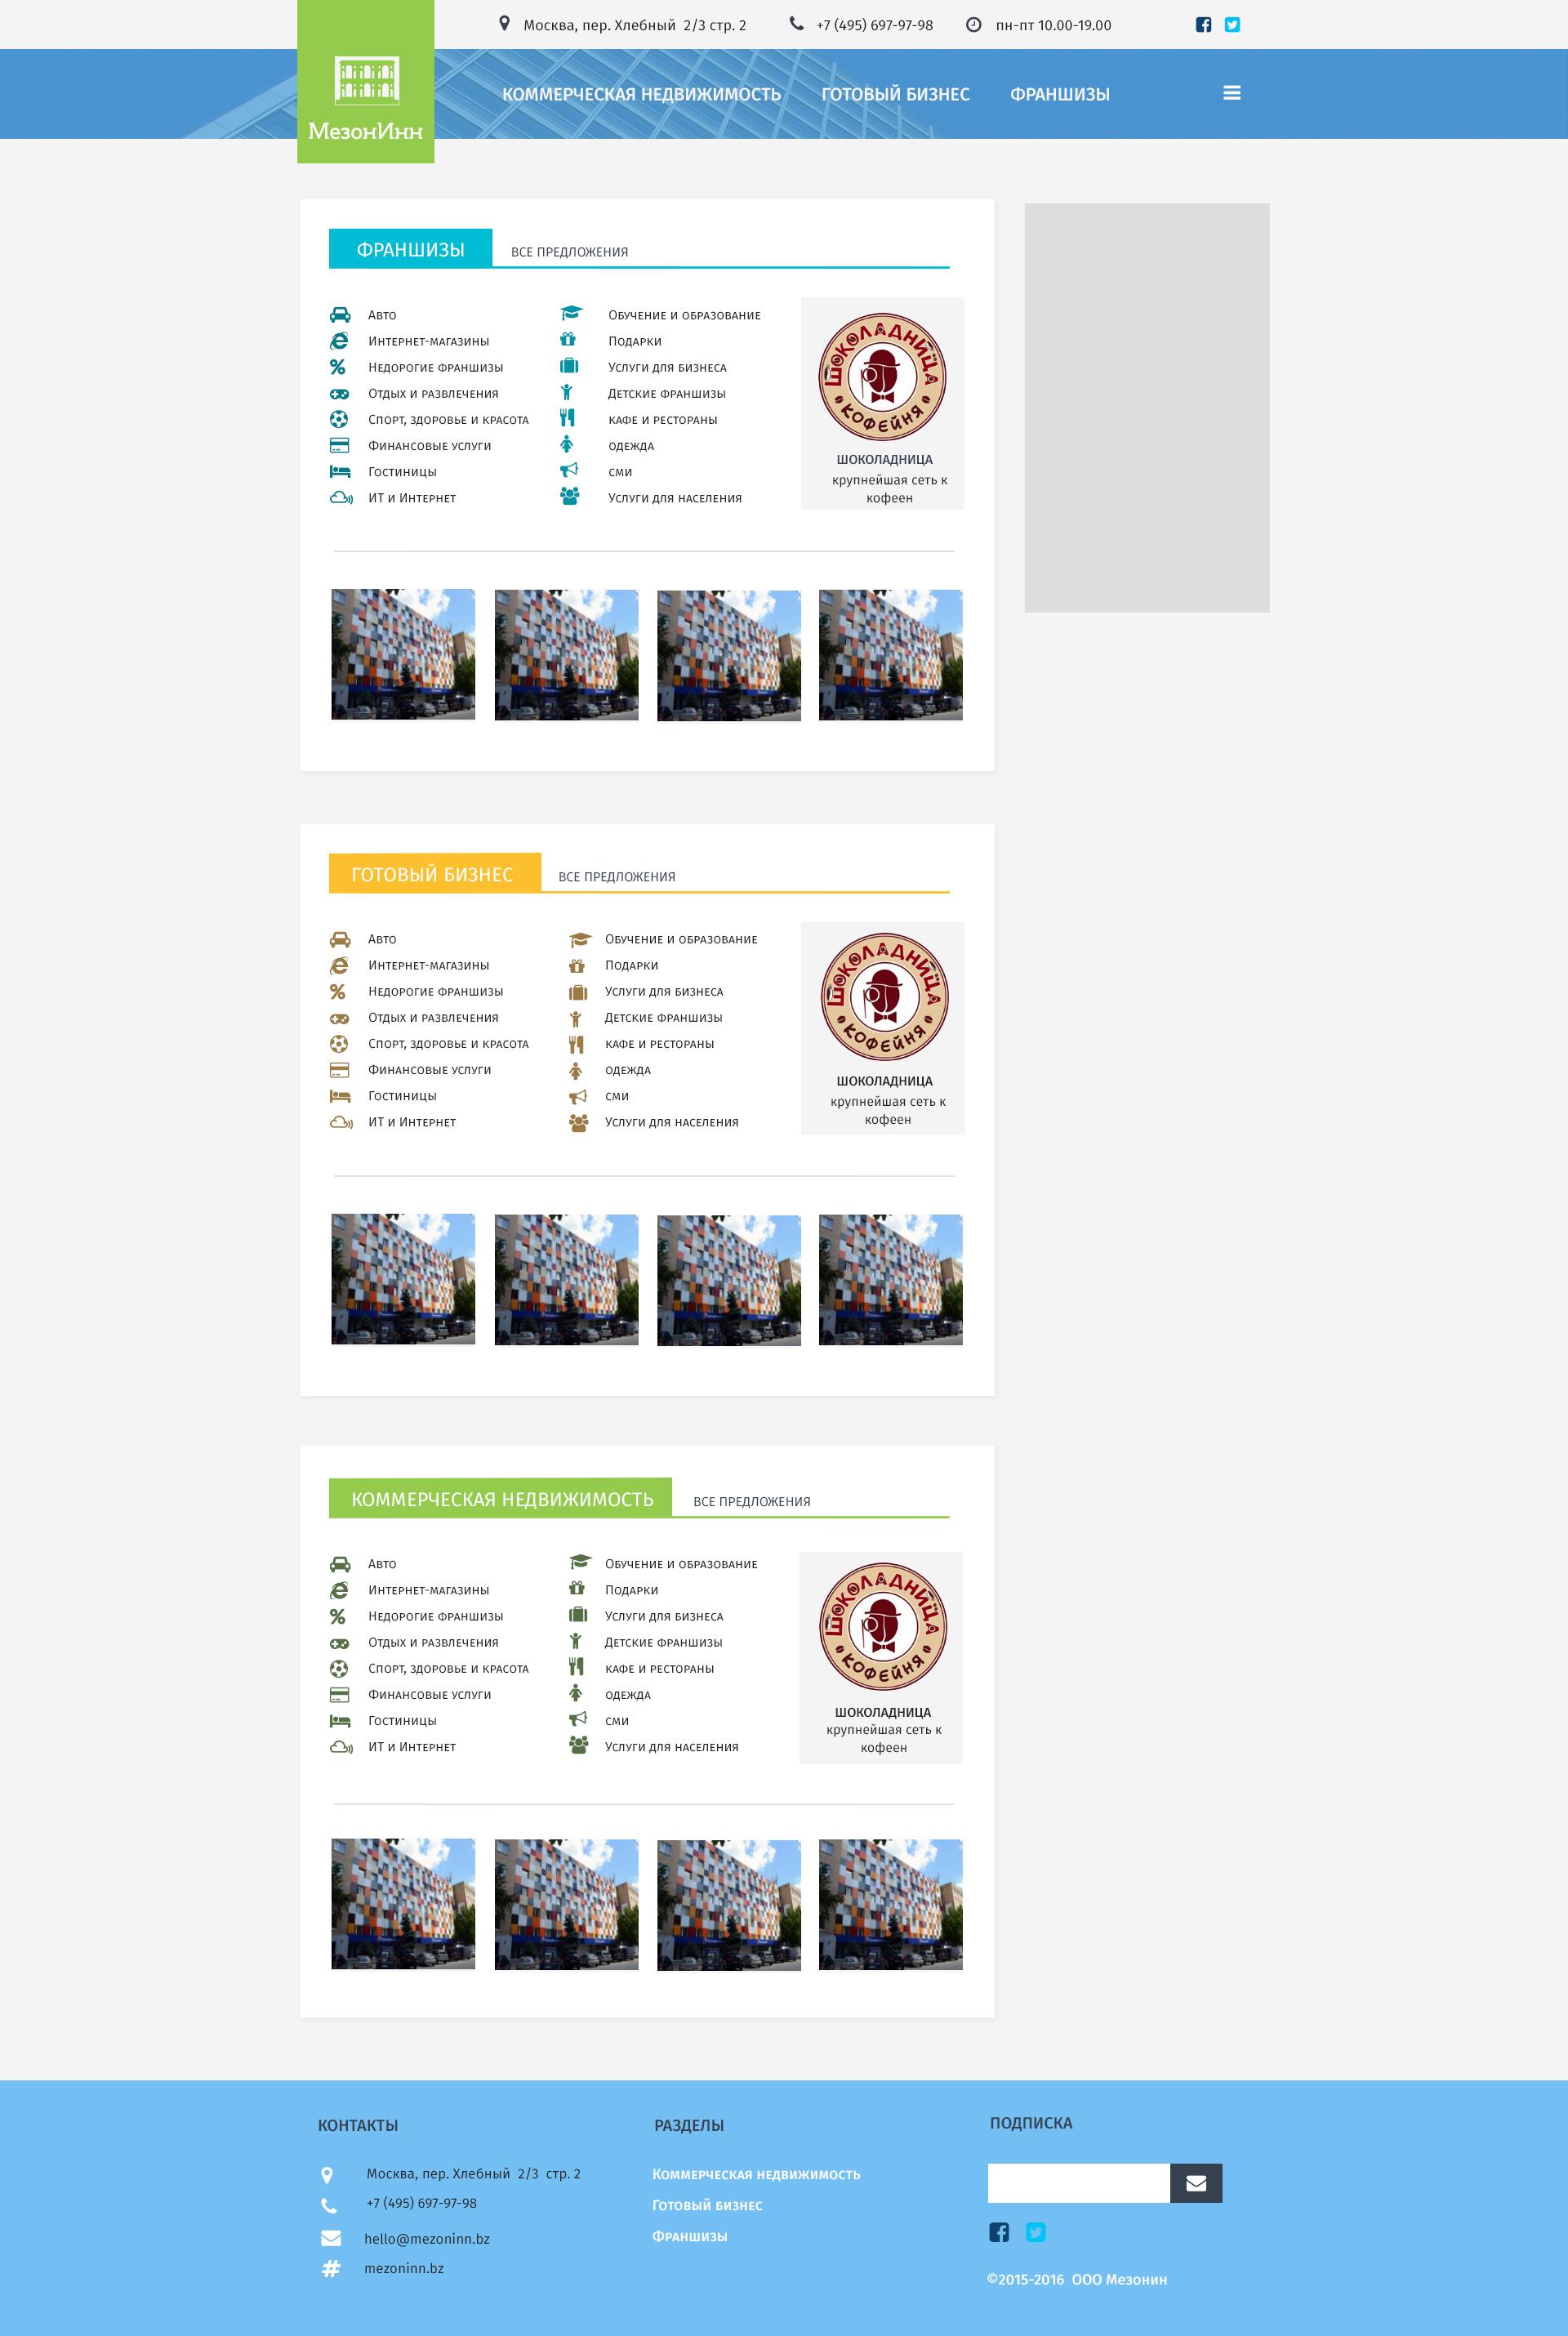 Доработать дизайн главной страницы сайта фото f_851574db6f4a7baa.jpg